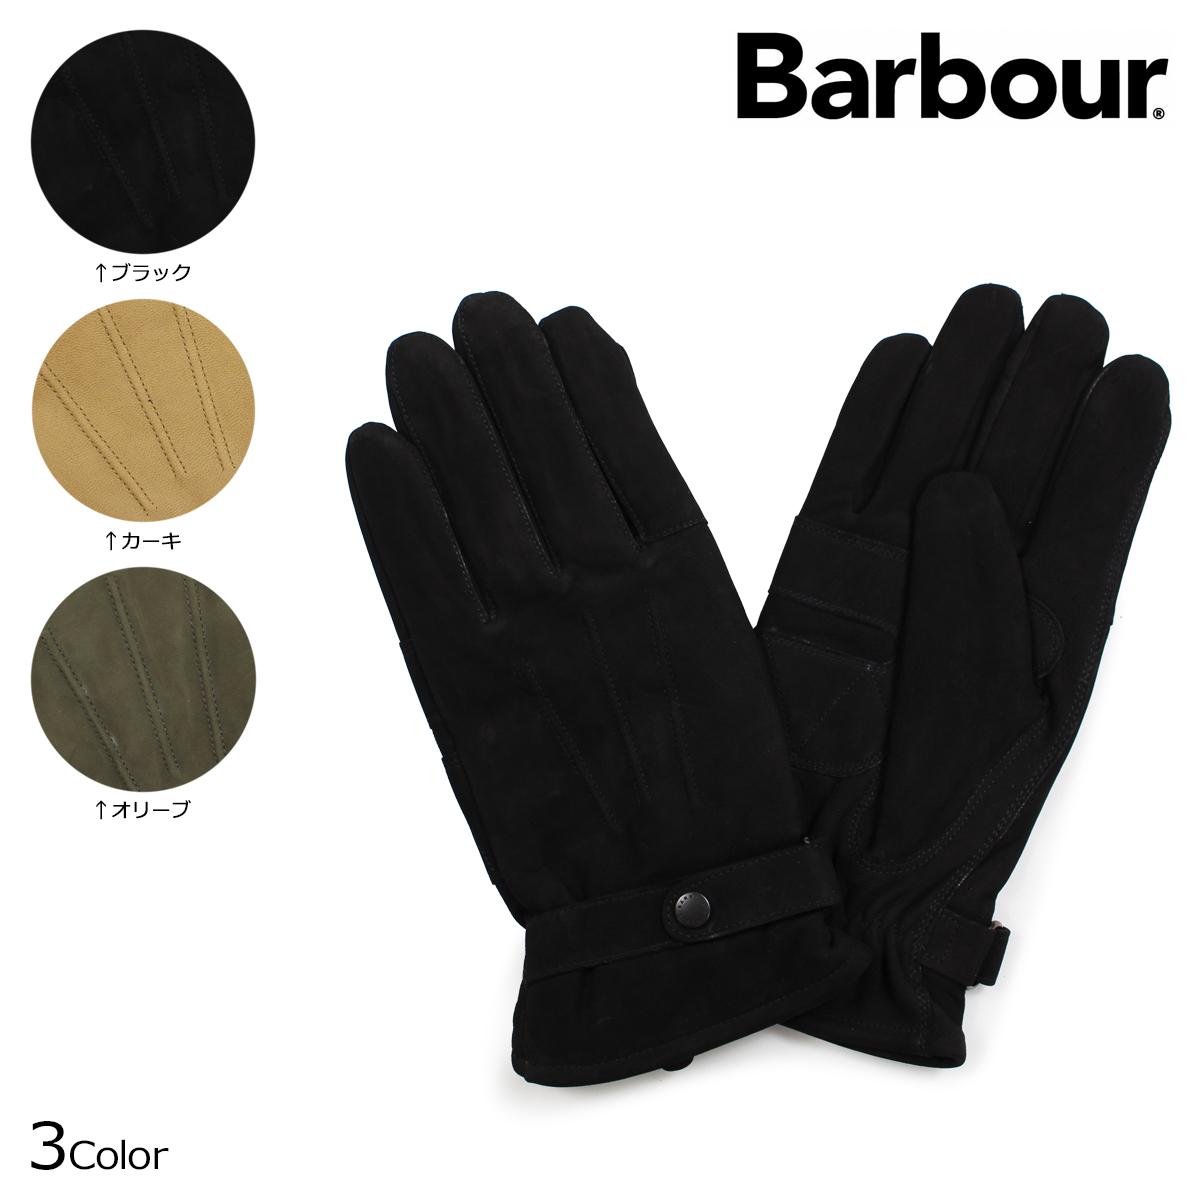 バブアー Barbour 手袋 グローブ メンズ レザー シャンパン LEATHER THINSULATE GLOVE MGL0007